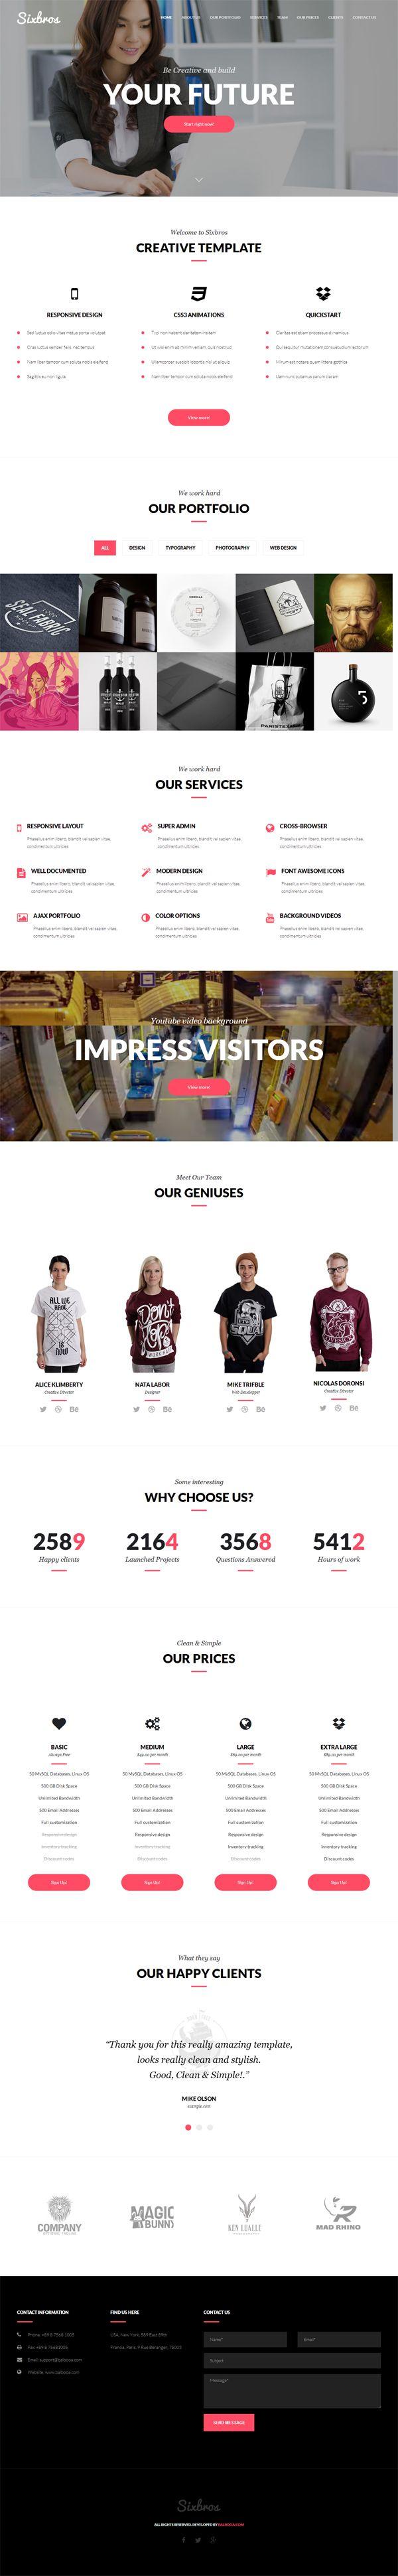 Joomla tshirt design - Sixbros Creative Business Joomla Template Is One Of The Premium Joomla Templates Creative Joomla Templates